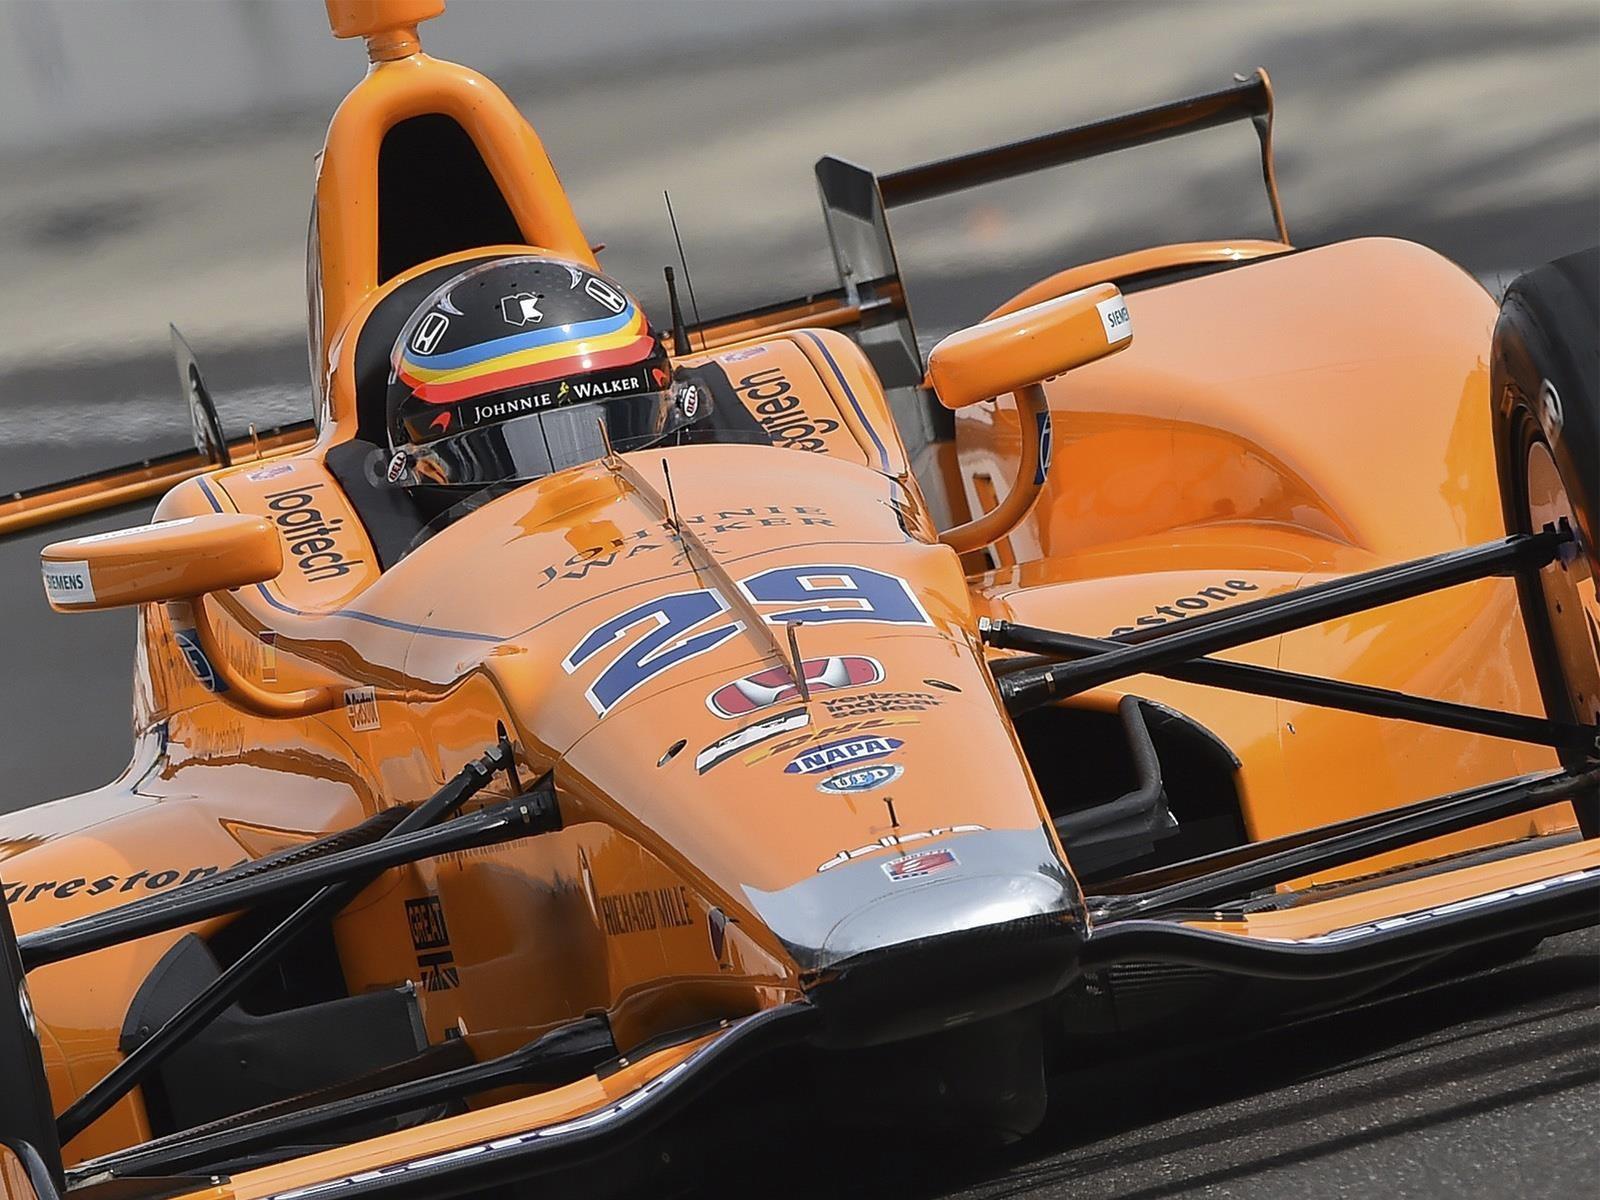 McLaren planea llegar a la IndyCar en 2019